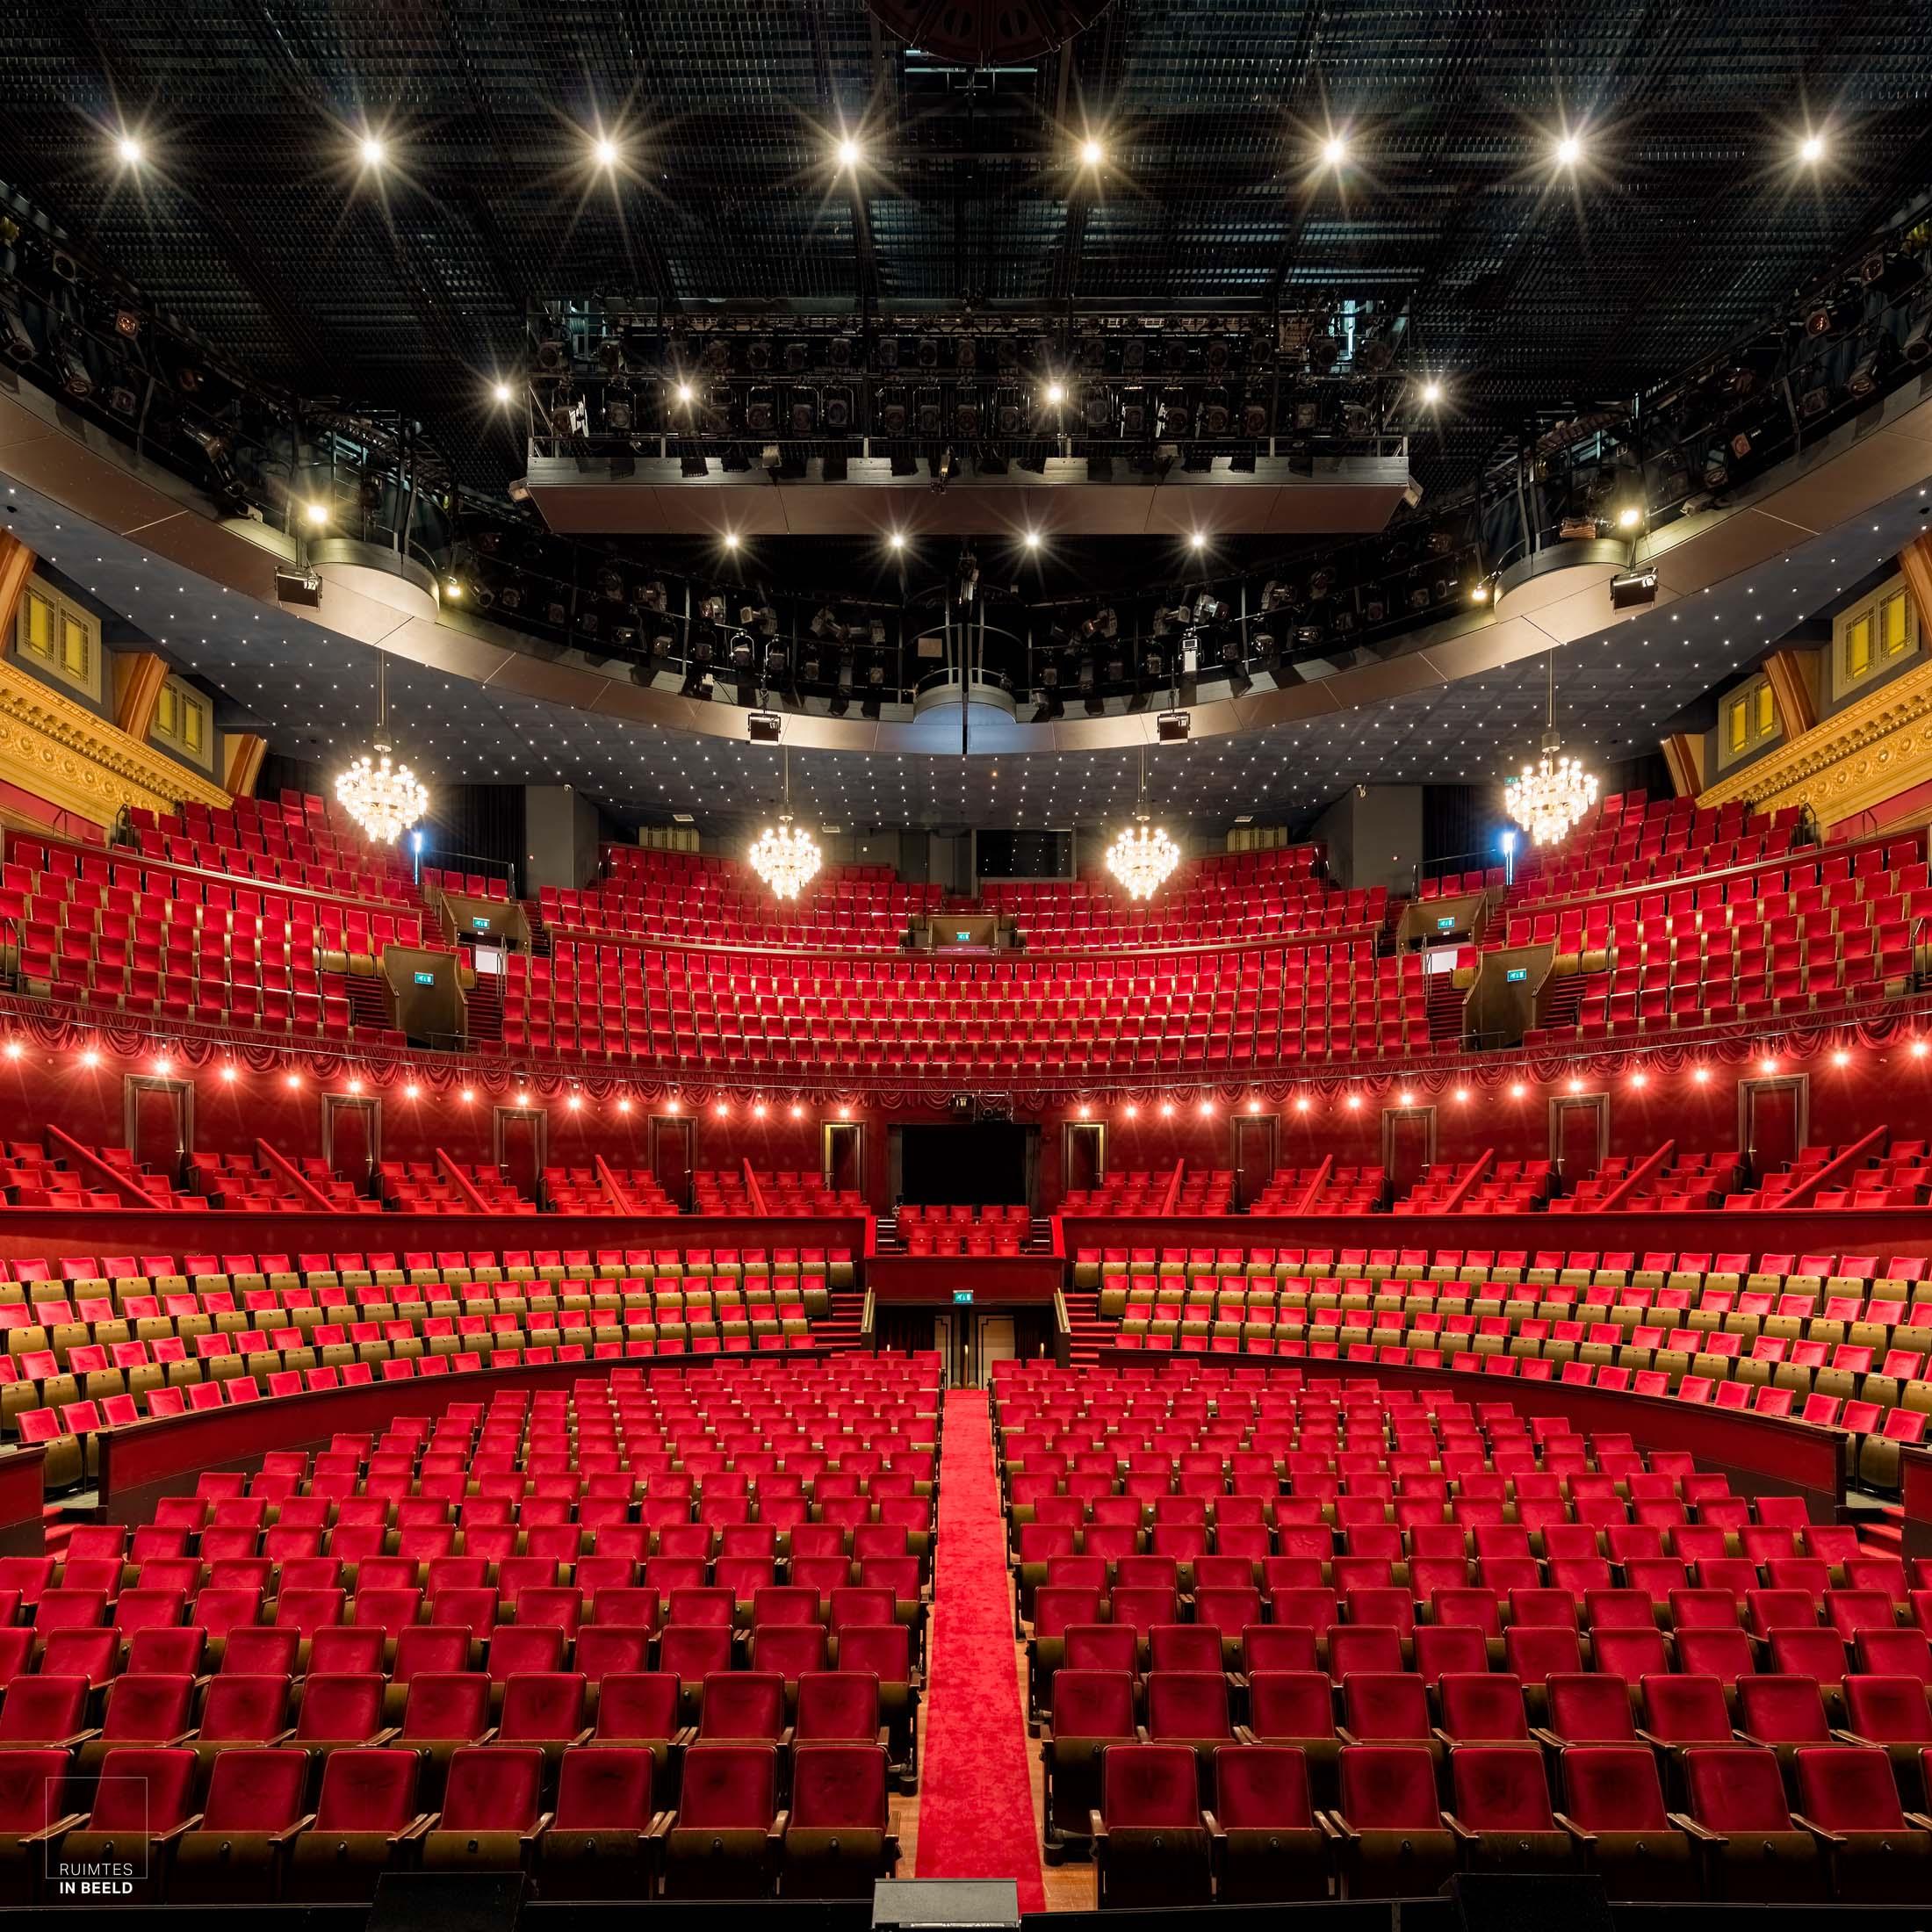 Grote zaal van Koninklijk Theater Carré in Amsterdam | Interior of Royal Theater Carré in Amsterdam, Netherlands